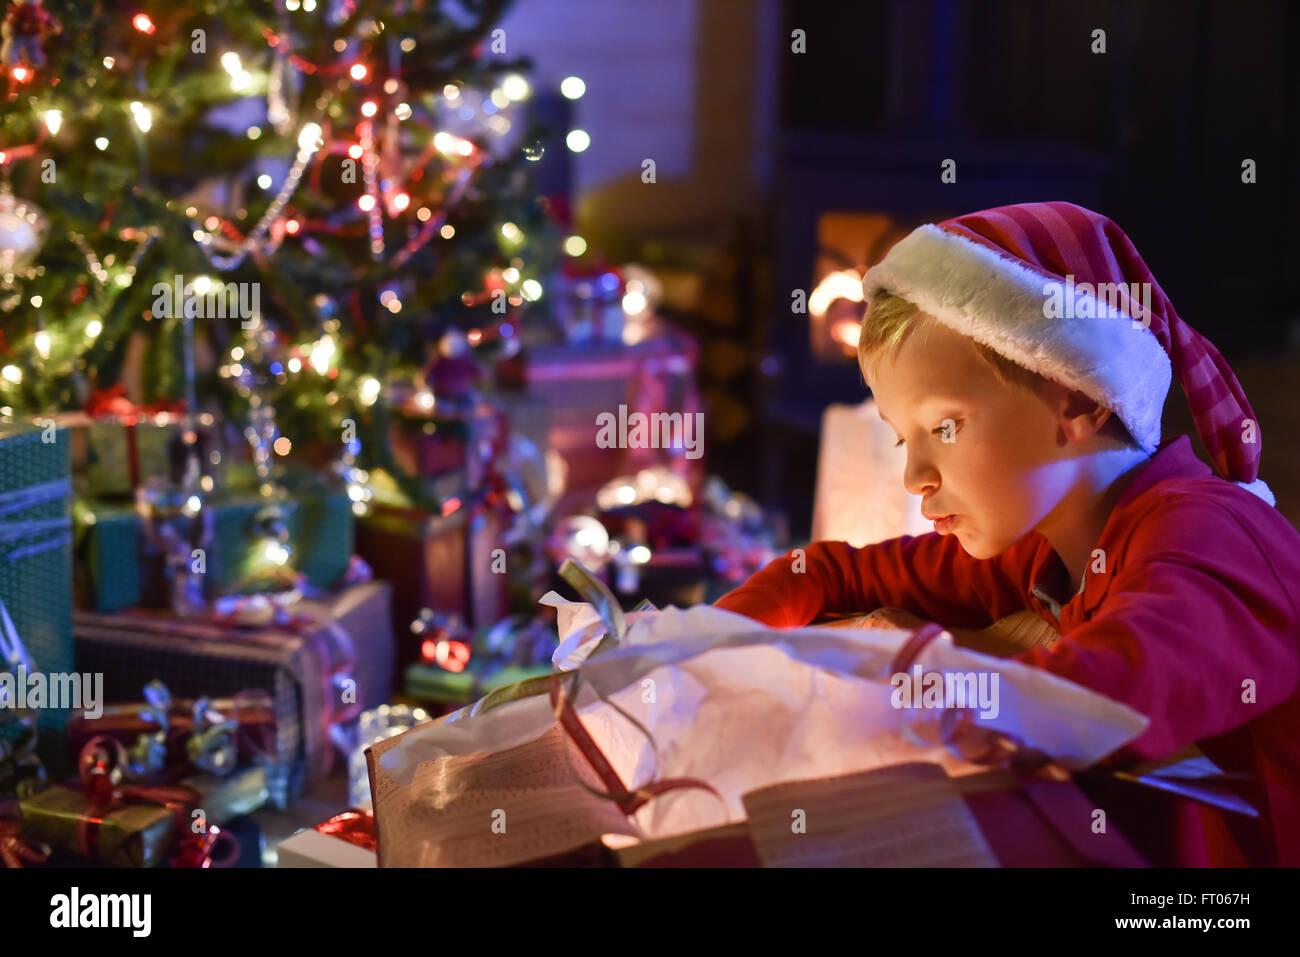 Schöner kleiner Junge mit einem Weihnachtsmann Hut öffnet ein ...